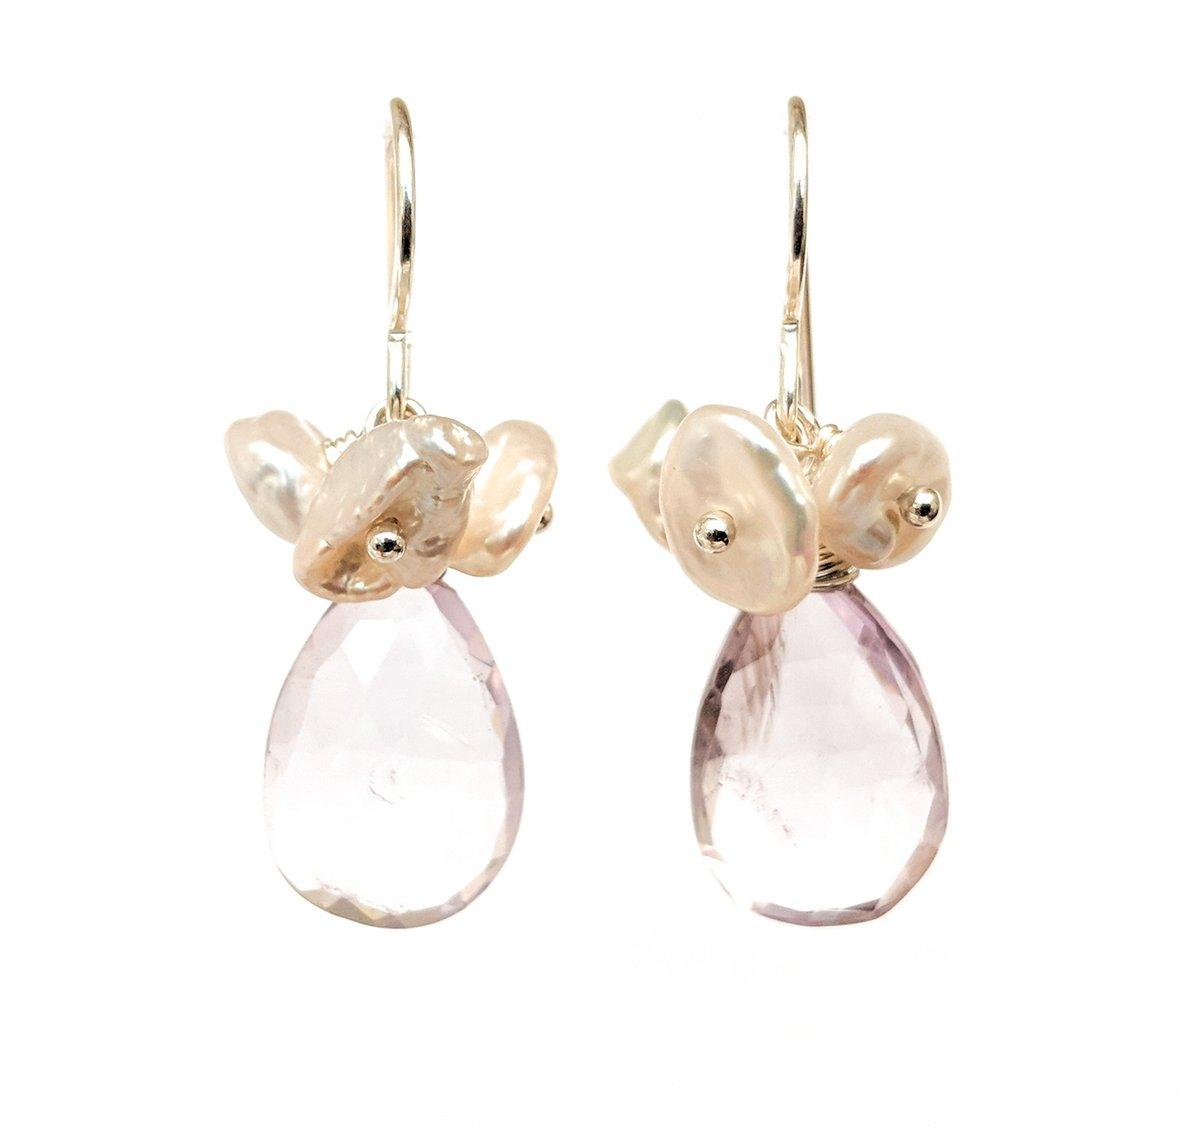 Image of Pale Amethyst Earrings Keshi Pearl